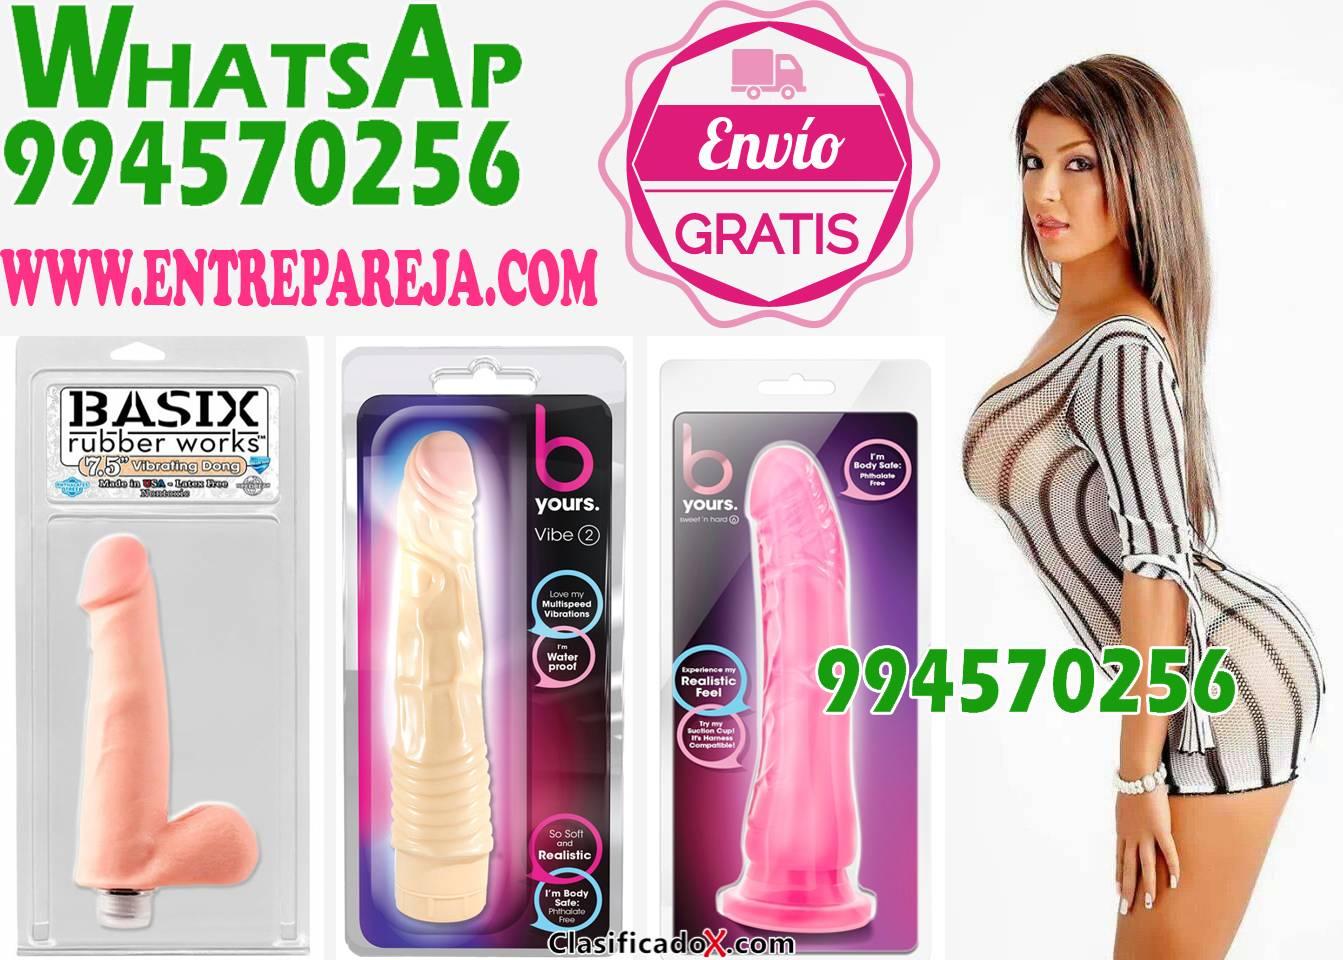 SEXSHOP CAIMA OFERTAS EN LINCE SEXSHOPS EN PROVINCIA 994570256